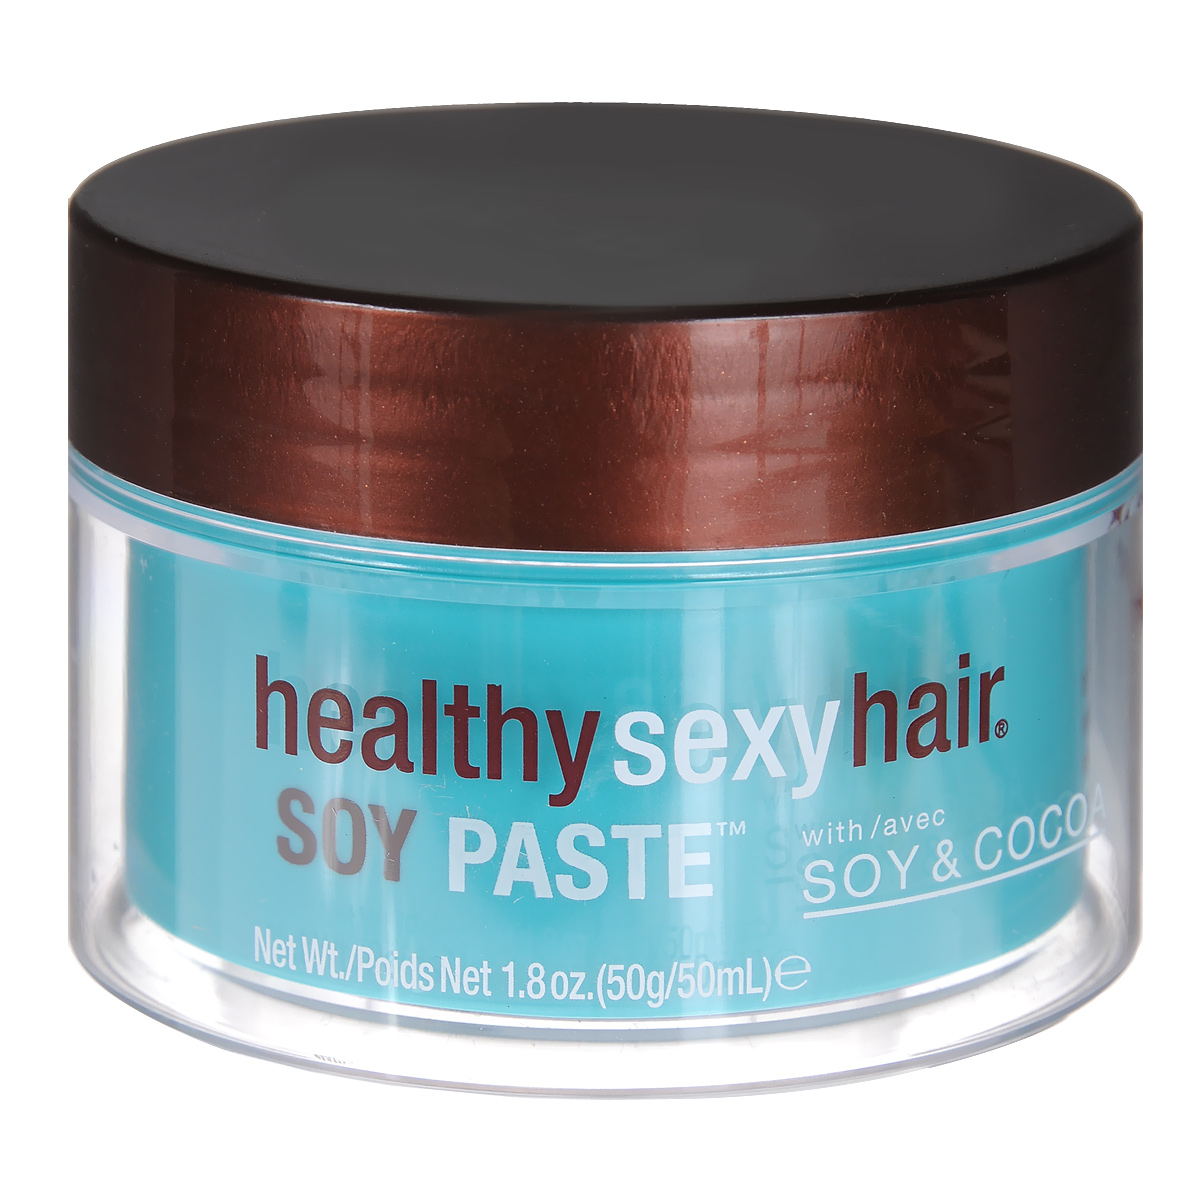 Sexy Hair Крем для моделирования волос Healthy, текстурирующий, помадообразный, 50 гЗД2Крем для волос Sexy Hair Healthy с аминокислотами пшеницы восстанавливает волосы, а уникальная смесь сои и природных компонентов укрепляют и увлажняют их в течение всего дня. Легкий крем для моделирования на основе сои. Делает волосы управляемыми и гибкими, позволяет разделять пряди и поддерживать форму укладки. Средство делает пряди эластичными и послушными, что позволяет менять укладку в течение дня без применения дополнительных средств. Легко смывается. Характеристики:Вес: 50 г. Производитель: США. Товар сертифицирован.